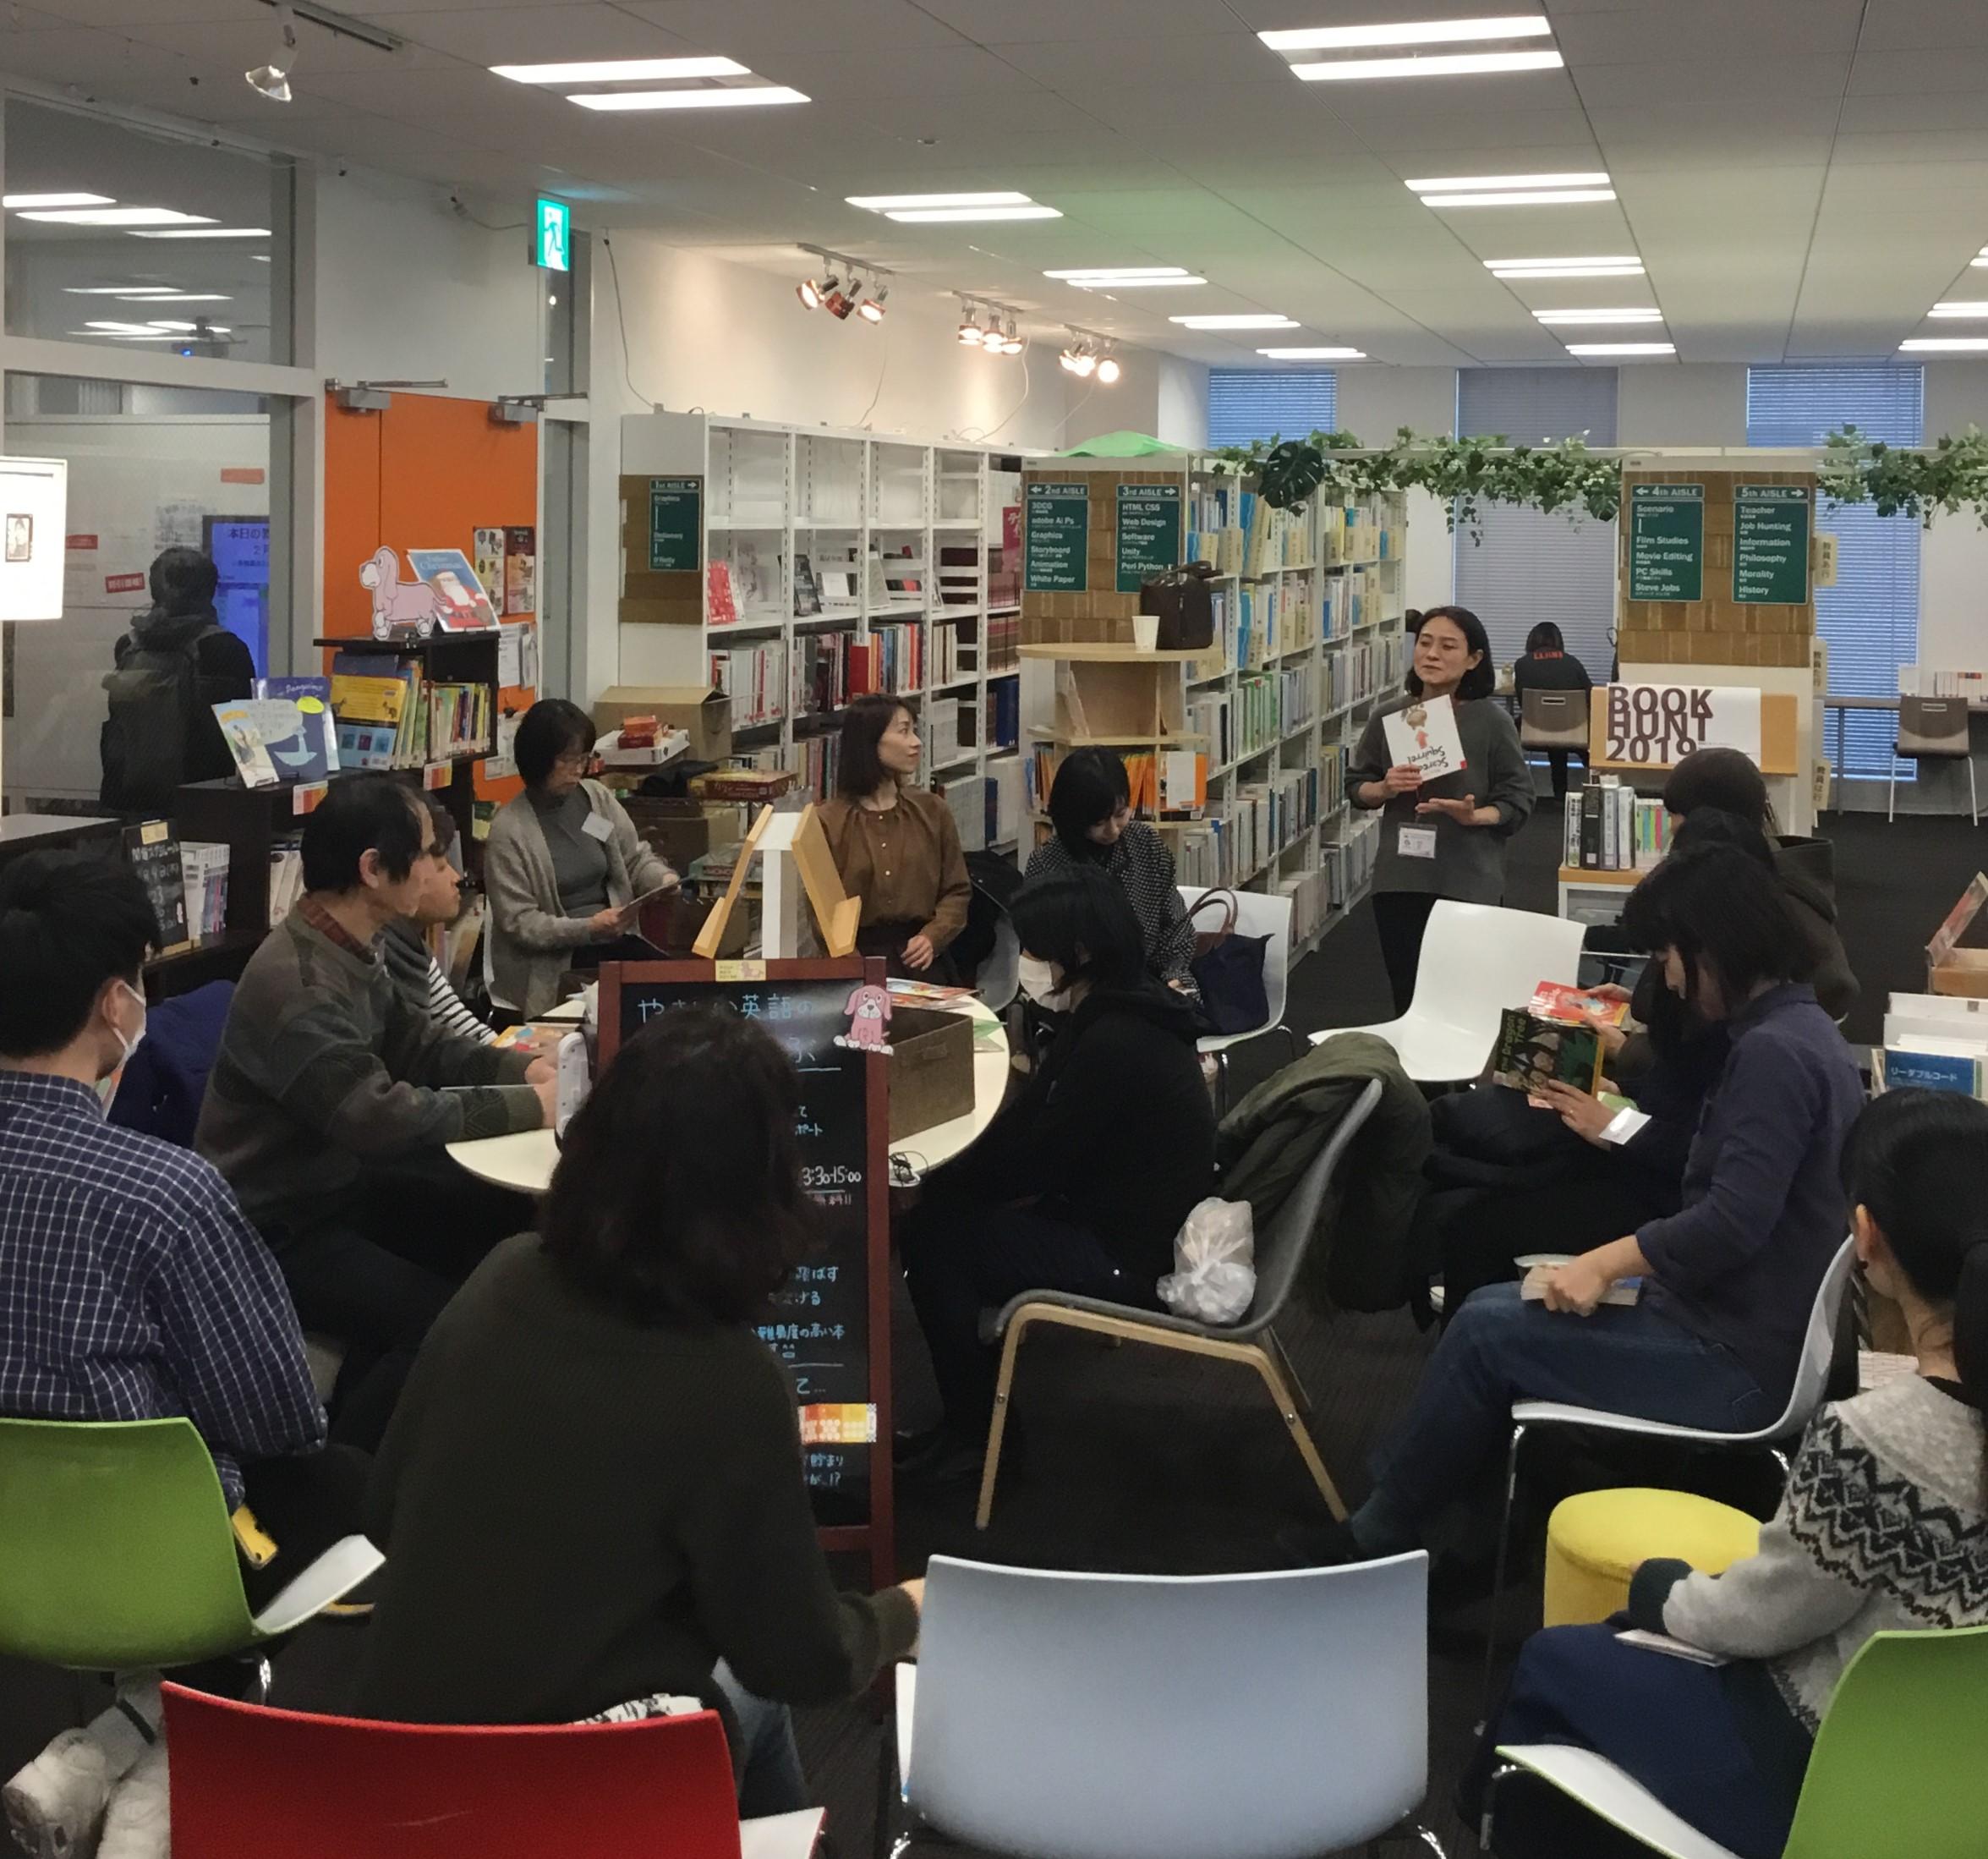 「多読カフェ」@デジタルハリウッド大学メディアライブラリ